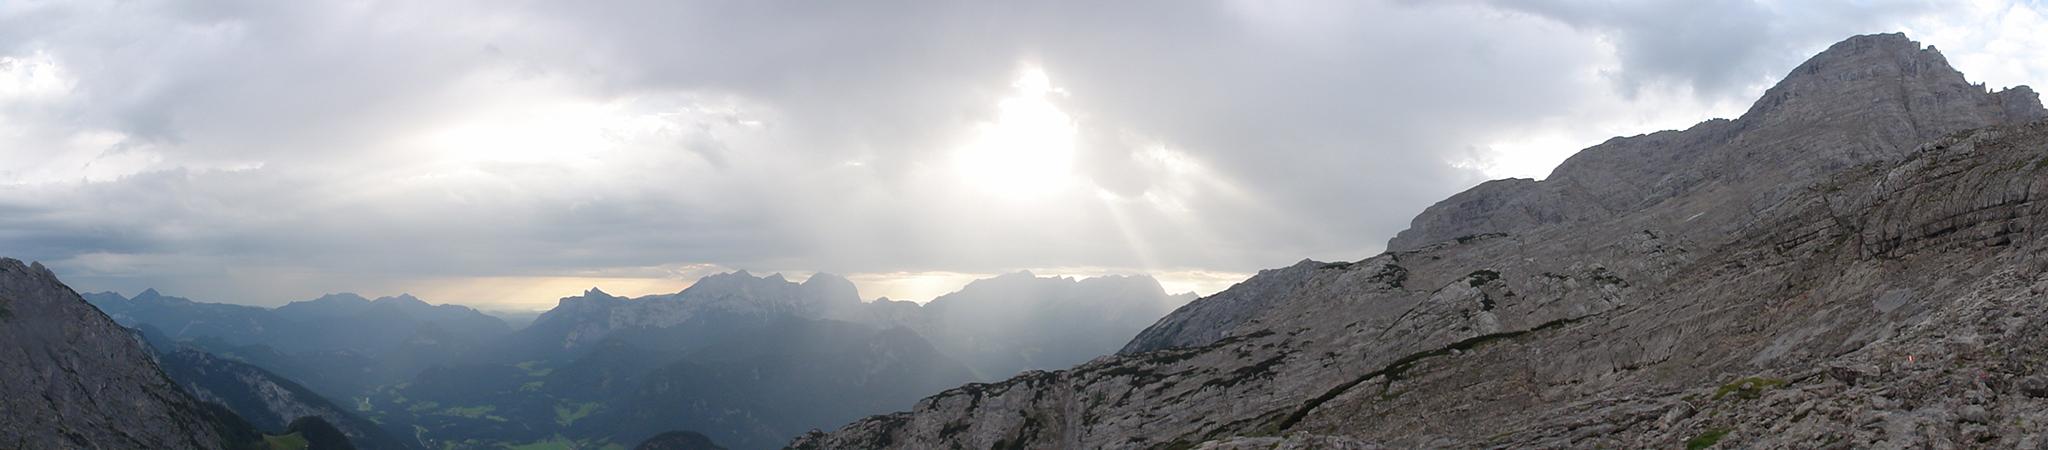 Arnoweg: Erste Sonnenstrahlen brechen im Vordergrund der Reiter Alpe und des Steinernen Meeres durch die Wolkendecke